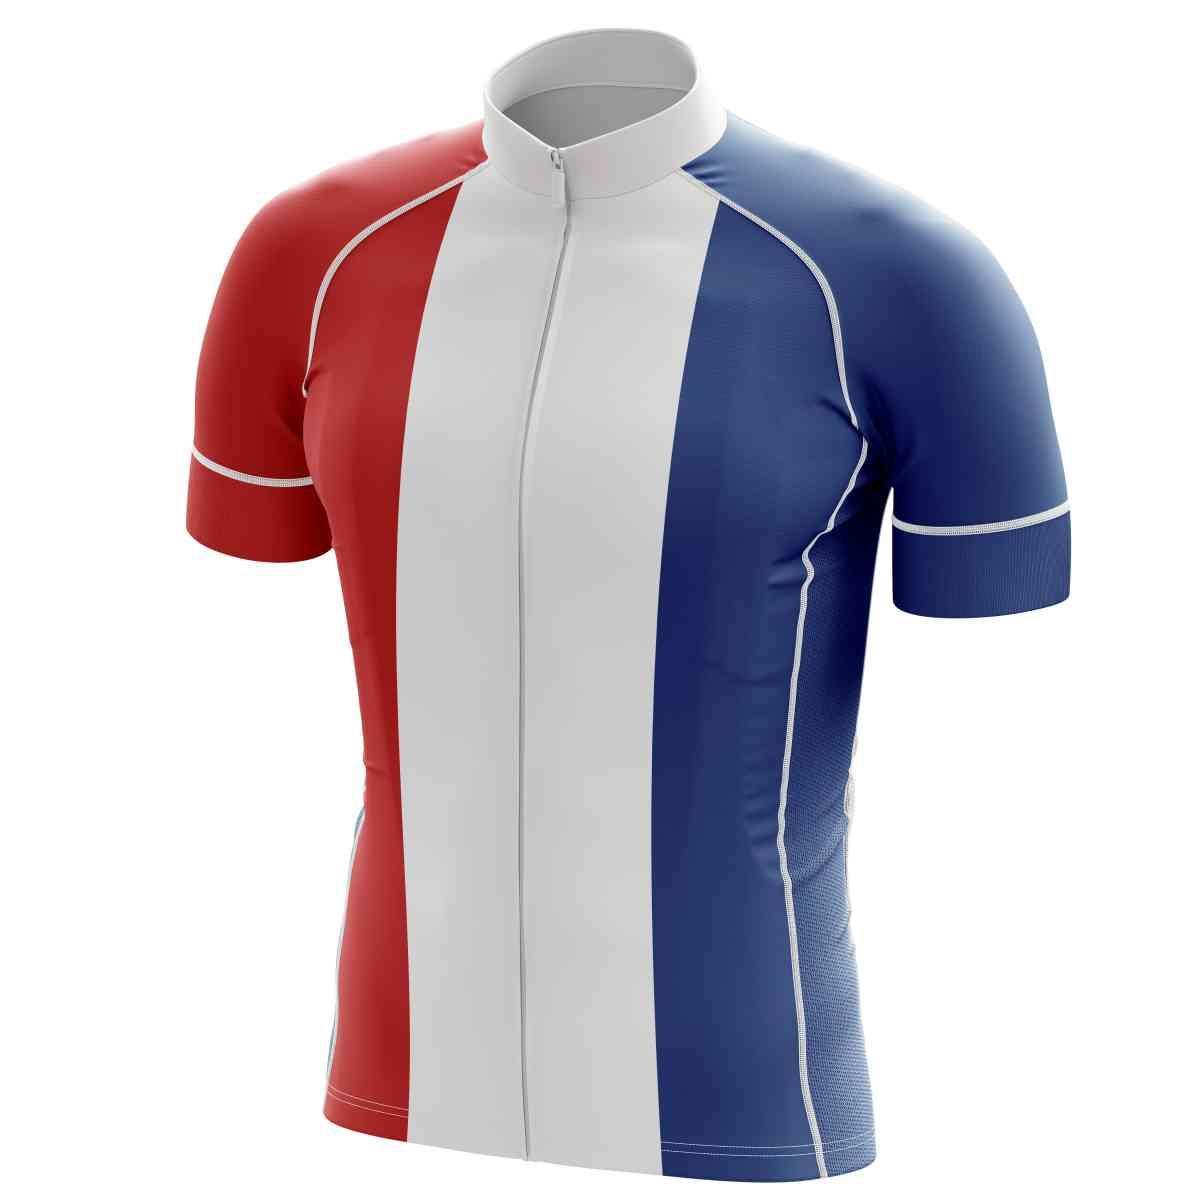 Hirbgod мужчины лето с короткими рукавами велосипедная одежда эластичный легкий велосипедный велосипед одежда открытый спортивный циклзмо Джерси, Tyz211-01 x0503